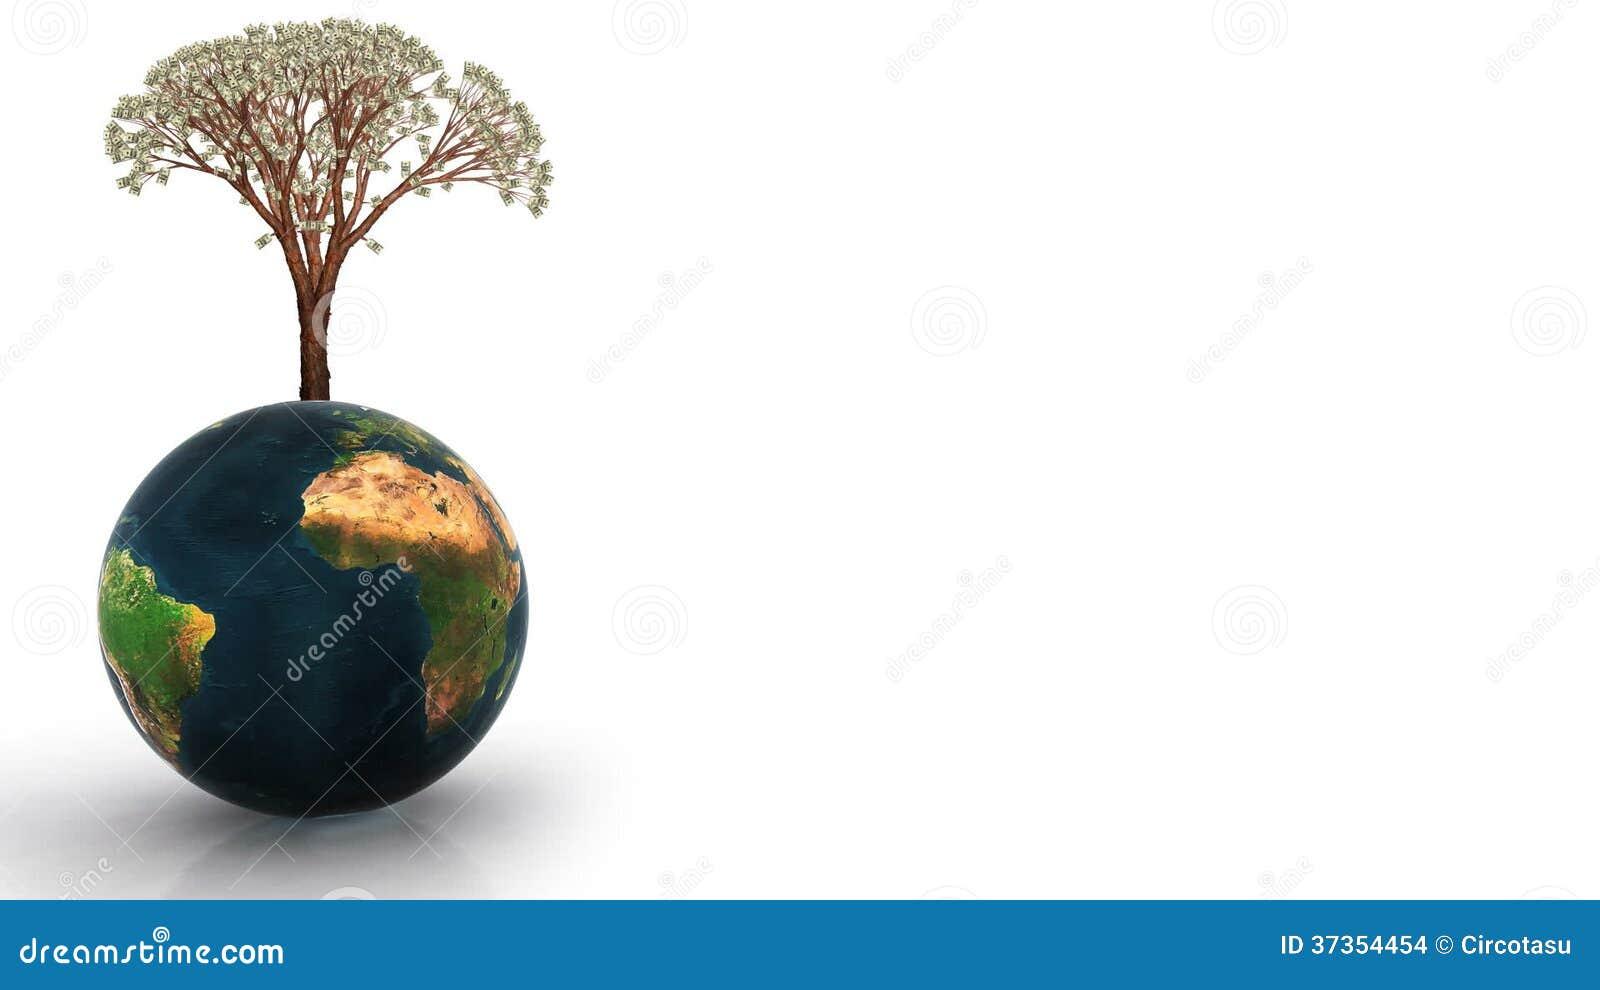 Animated growing tree gif